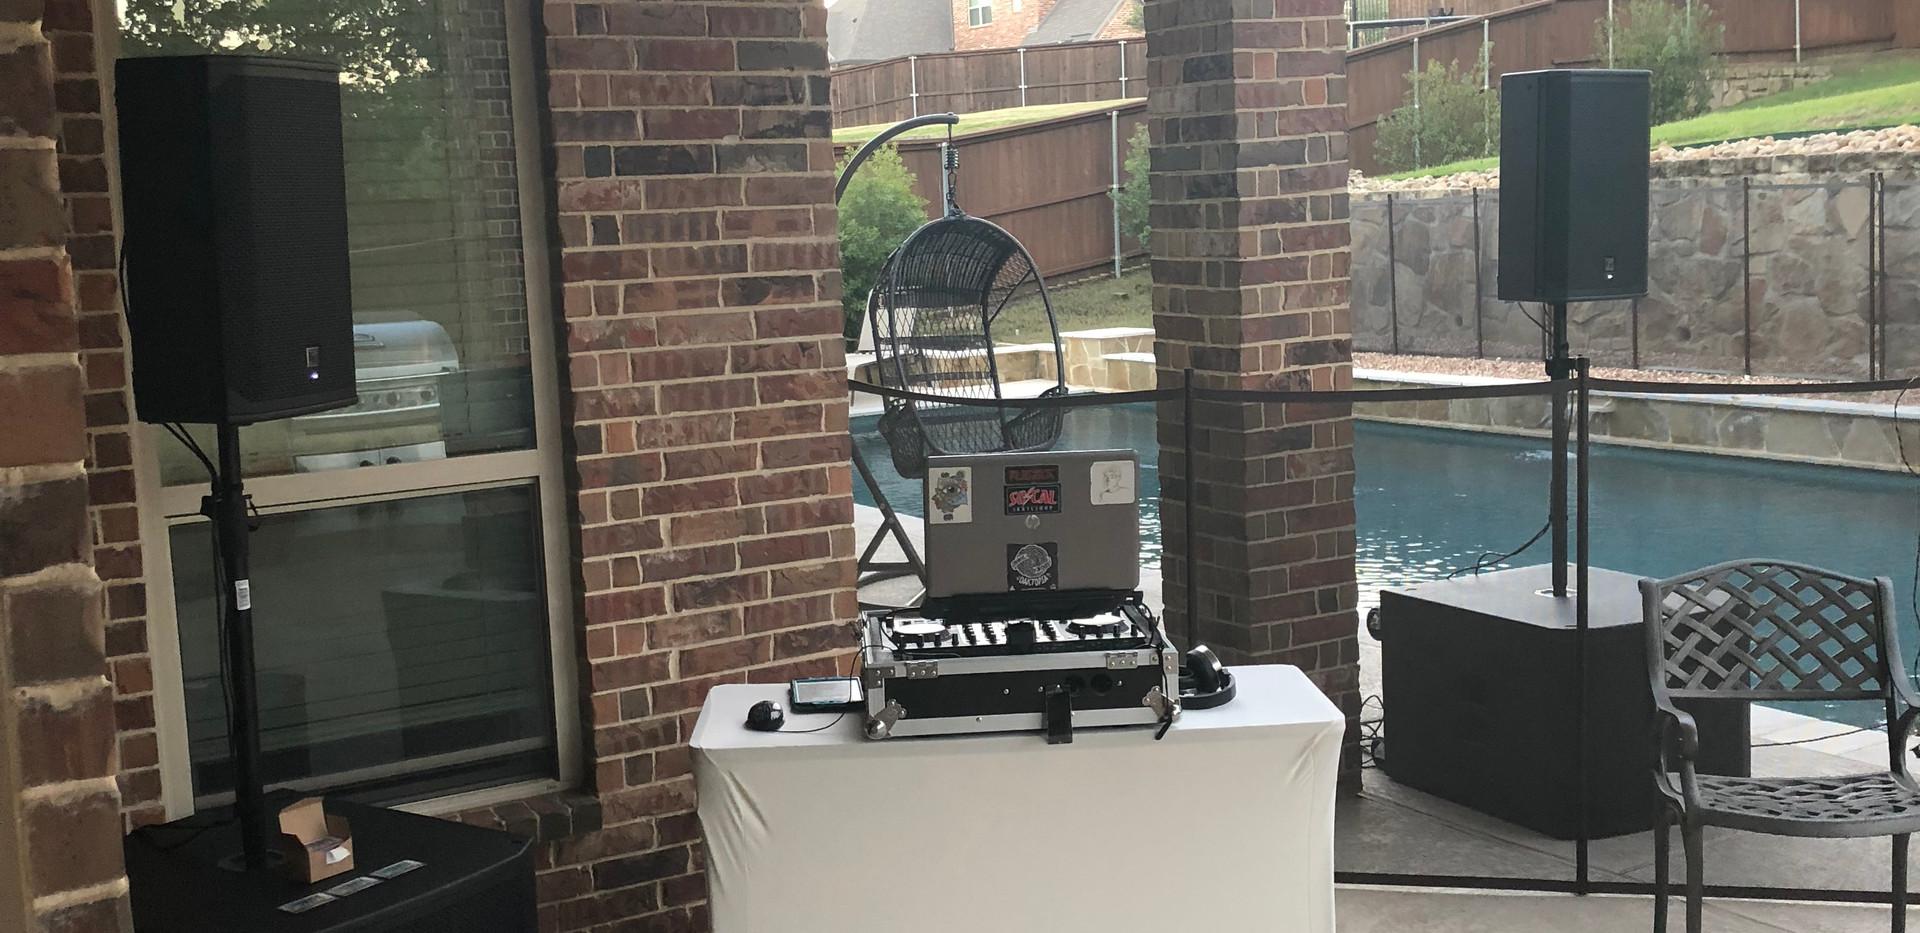 House Party DJ Setup